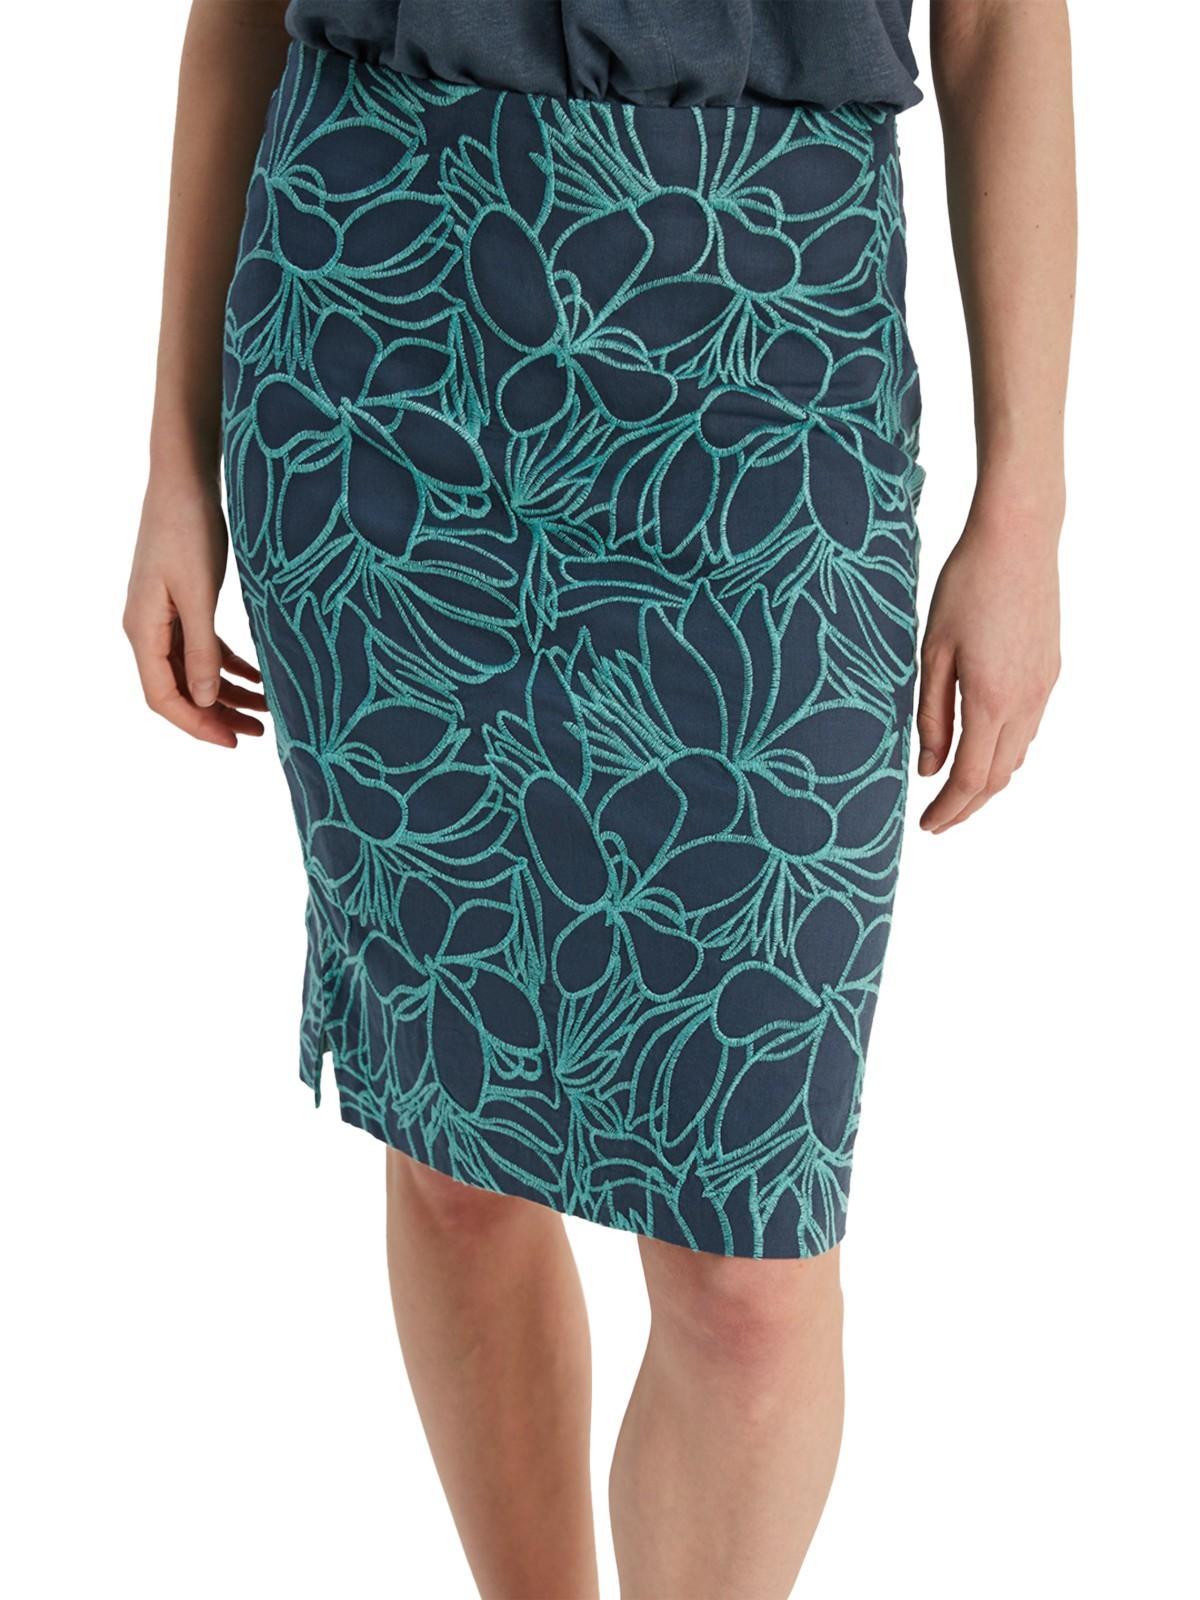 d81b1d4090 White Stuff Navya Flower Embroidery Skirt in Blue - Lyst